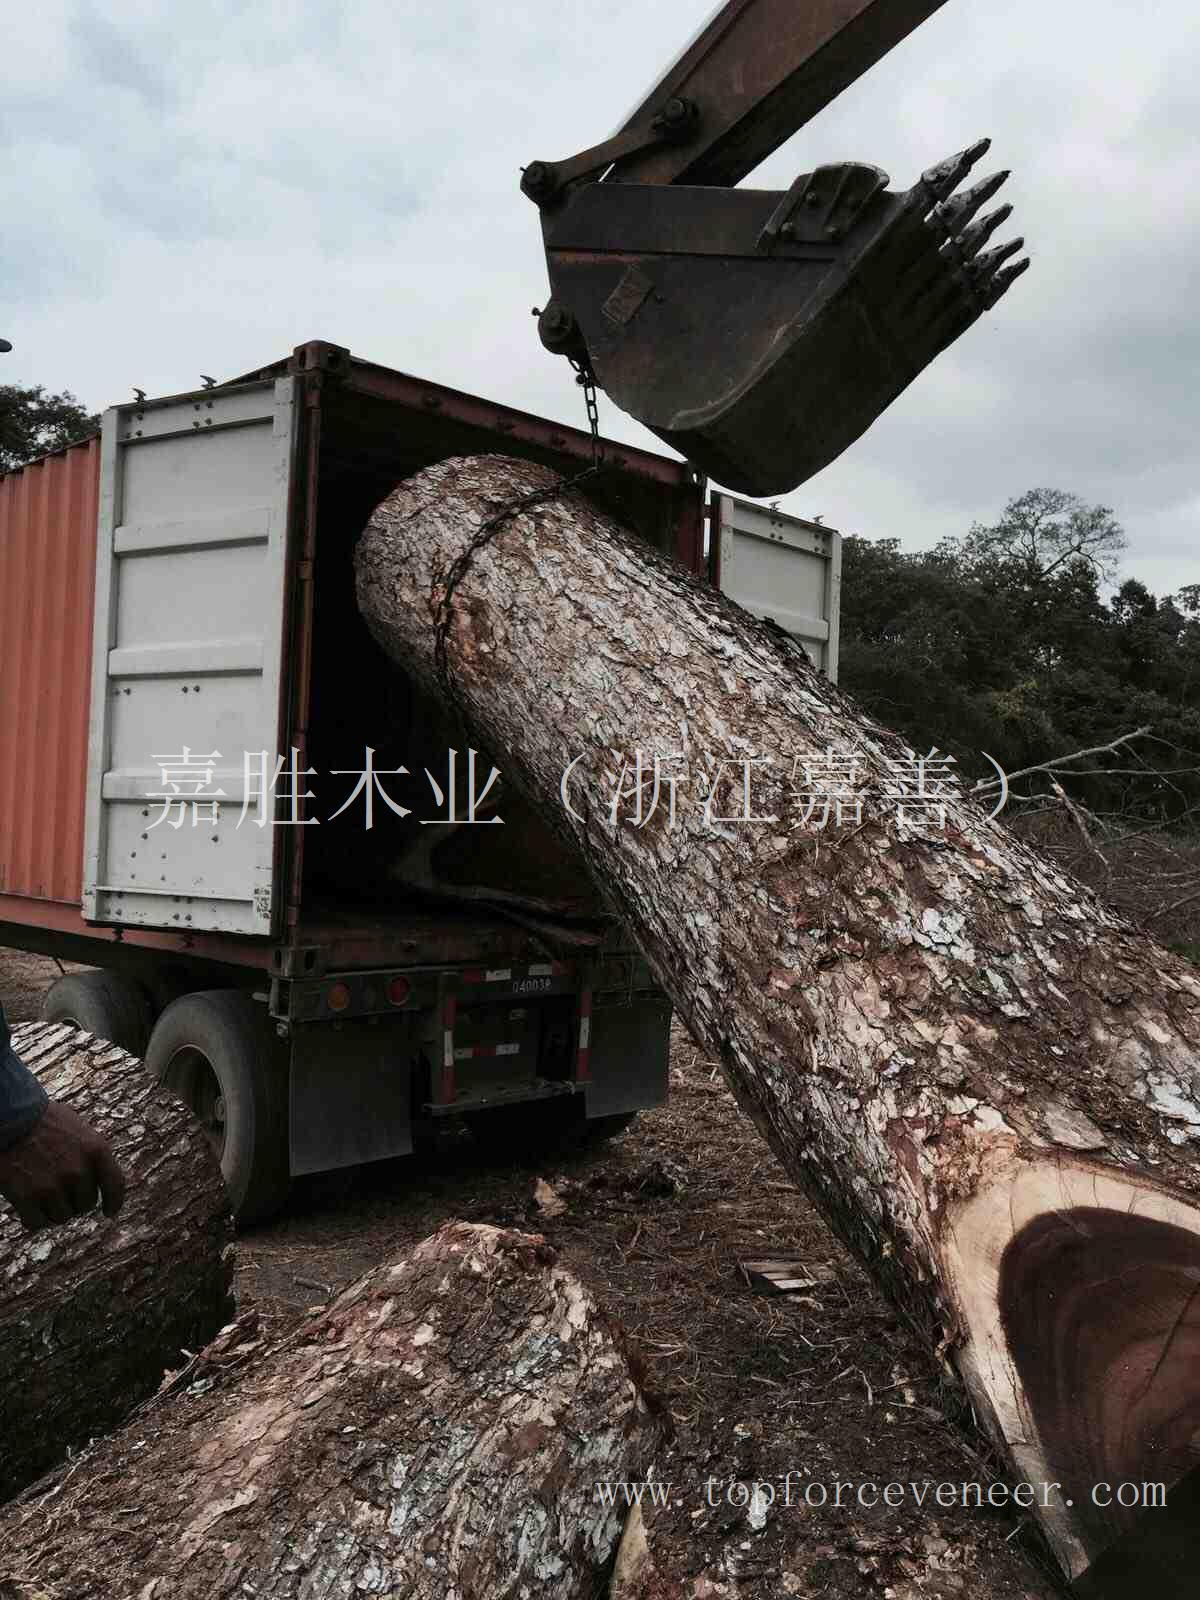 南美胡桃 (南美琥珀木) South American Walnut